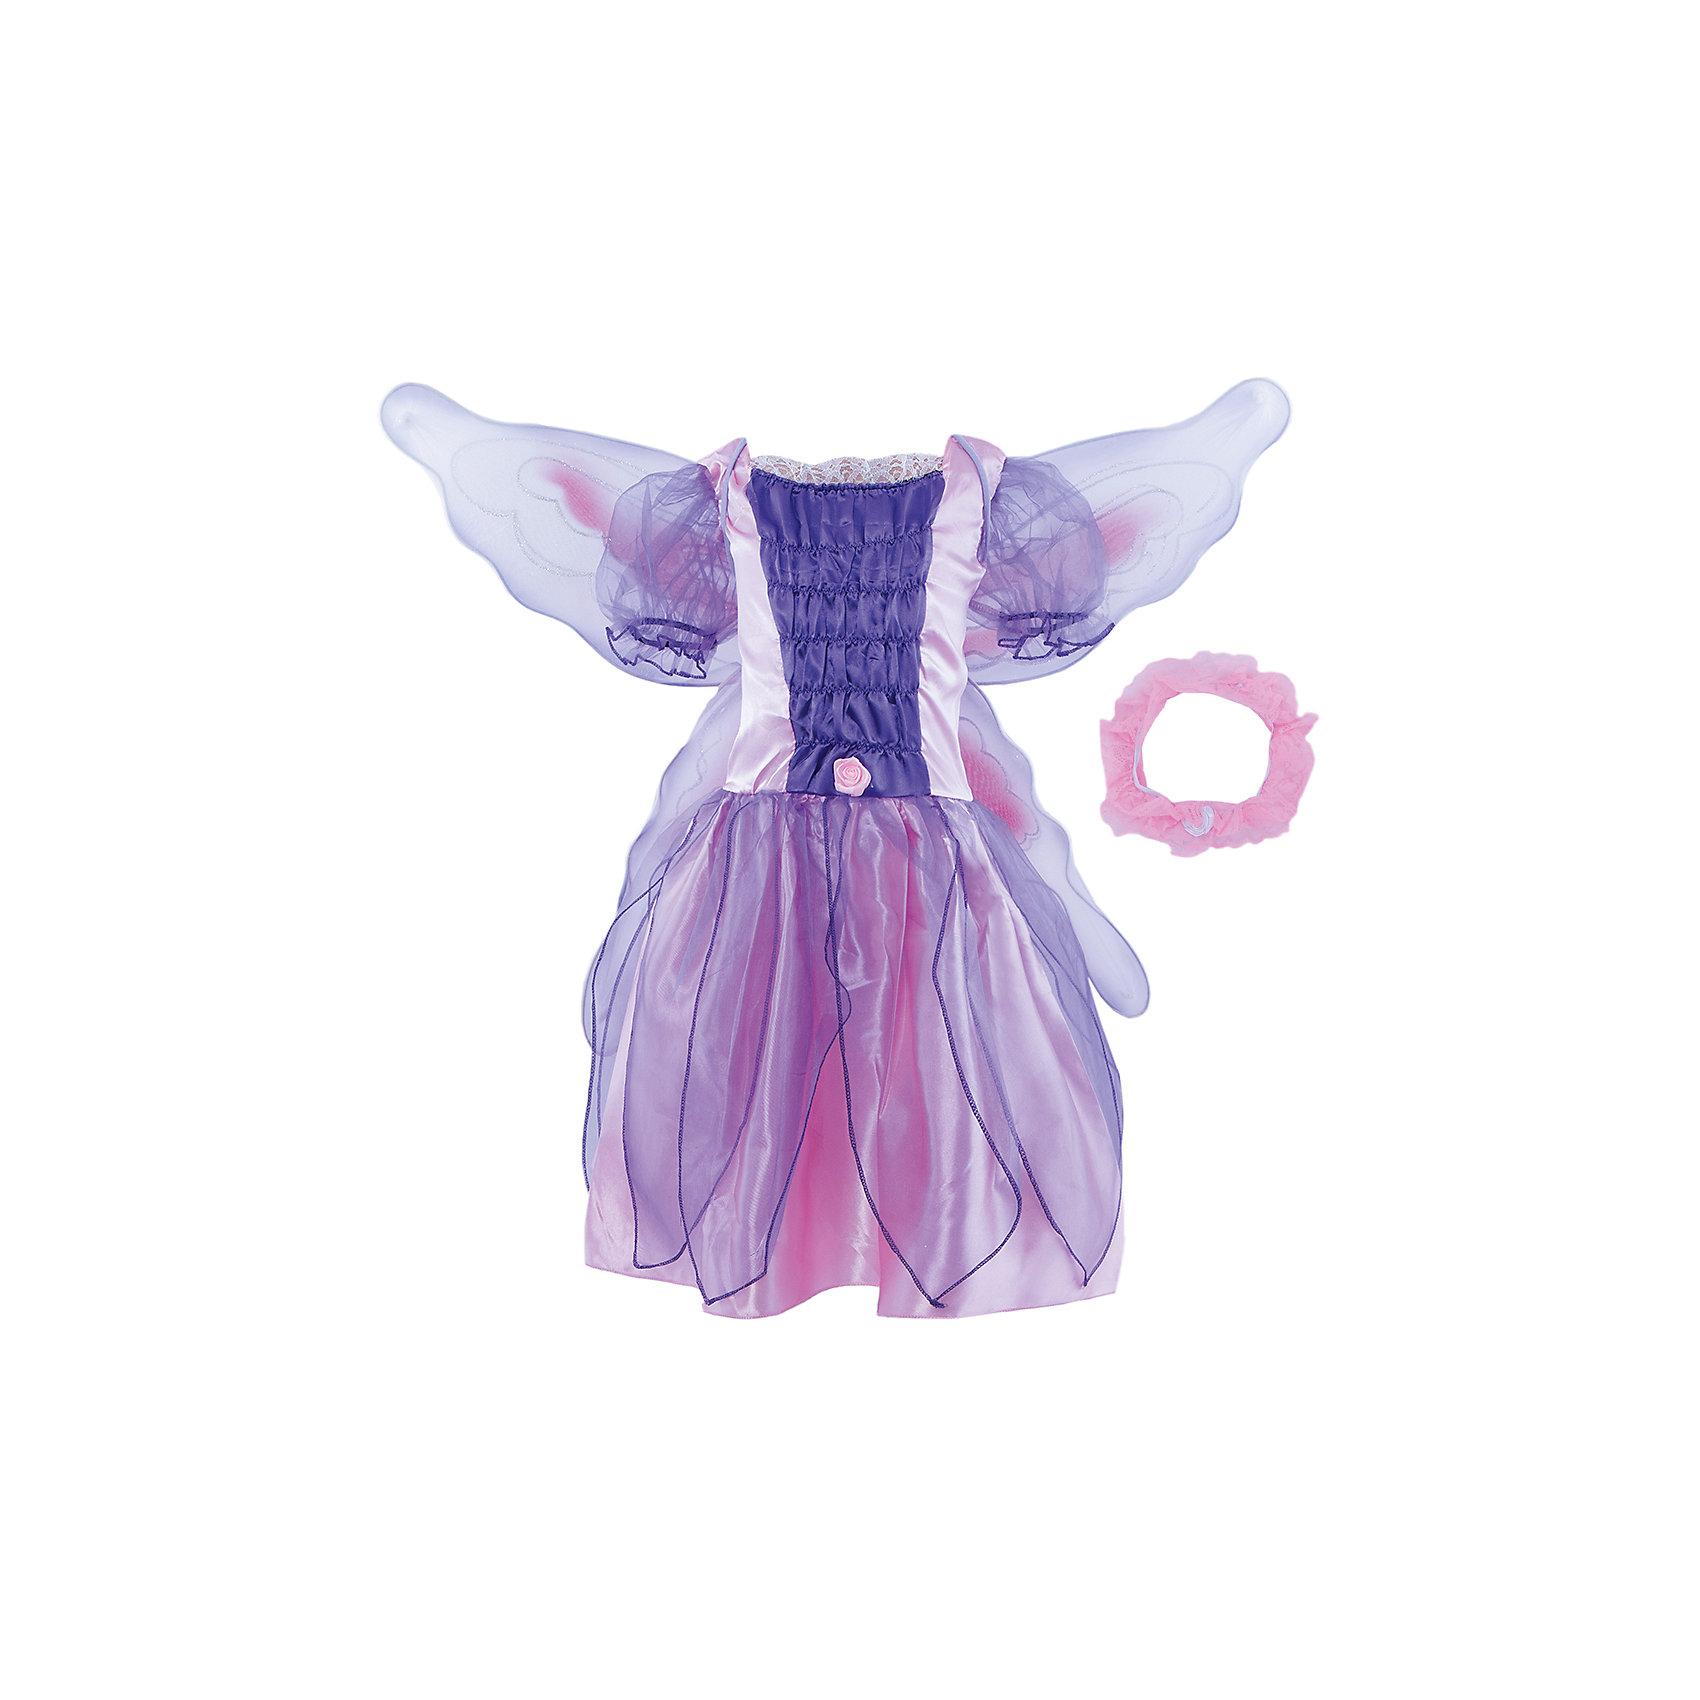 Маскарадный костюм для девочки Фея-бабочка, 6-8  летМаскарадный костюм для девочки Фея-бабочка, 6-8  лет – это возможность превратить праздник в необычное, яркое шоу.<br>Маскарадный костюм для девочки Фея-бабочка, выполненный из полиэстера и трикотажа, позволит вашей малышке быть самой интересной героиней на детском утреннике, маскараде и других мероприятиях. Костюм состоит из платья, крыльев и шейного украшения. Такой костюм привлечет внимание друзей вашей дочки и подчеркнет ее индивидуальность. Веселое настроение и масса положительных эмоций будут обеспечены!<br><br>Дополнительная информация:<br><br>- Комплектация: платье, крылья, шейное украшение<br>- Возраста: от 6 до 8 лет<br>- Рост: 125 см.<br>- Обхват груди: 65 см.<br>- Обхват талии: 57 см.<br>- Материал: полиэстер, трикотаж<br><br>Маскарадный костюм для девочки Фея-бабочка, 6-8  лет можно купить в нашем интернет-магазине.<br><br>Ширина мм: 400<br>Глубина мм: 500<br>Высота мм: 50<br>Вес г: 570<br>Возраст от месяцев: 72<br>Возраст до месяцев: 96<br>Пол: Женский<br>Возраст: Детский<br>SKU: 4280654